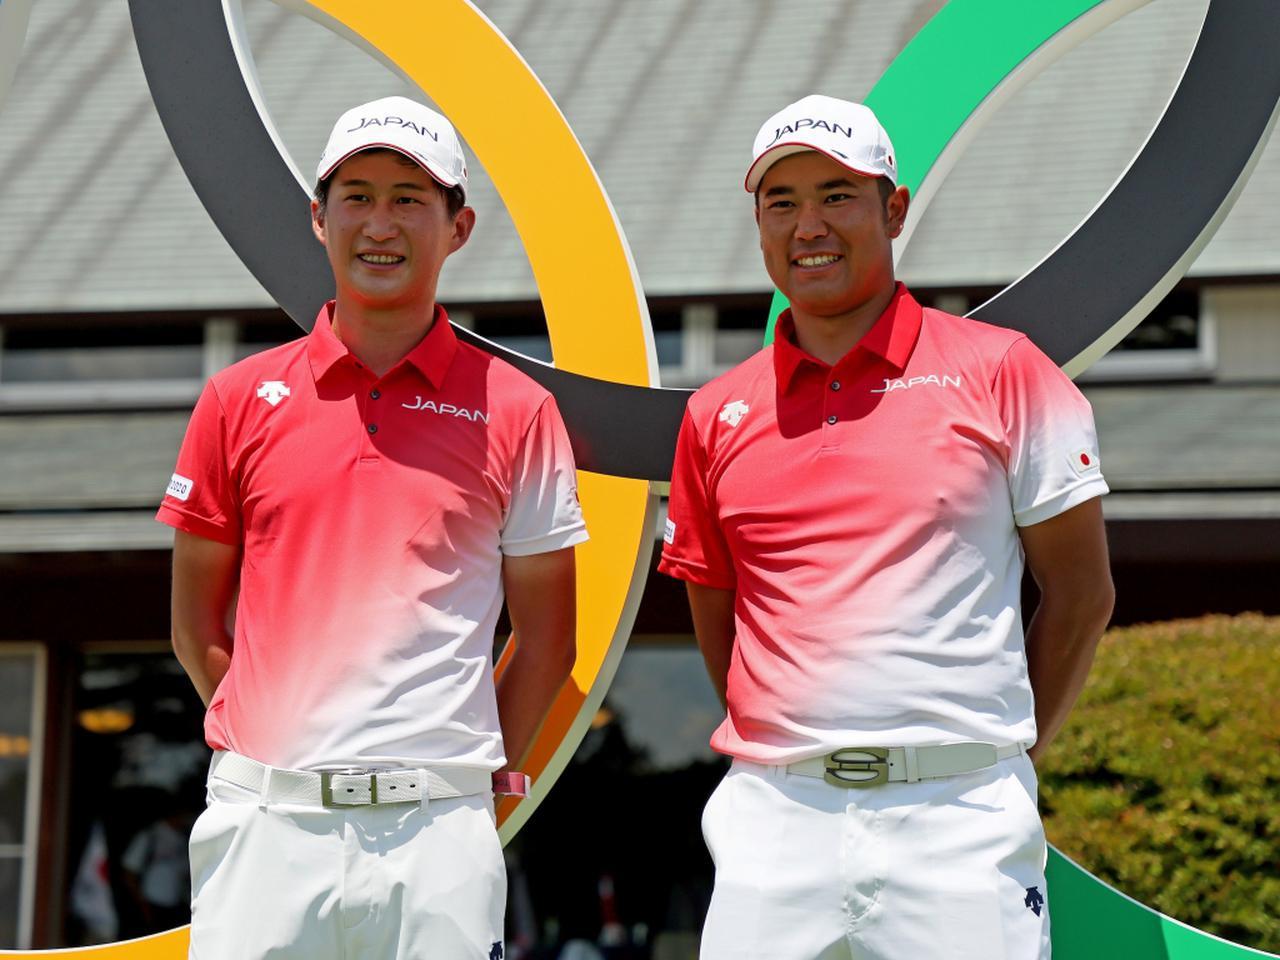 画像: オリンピック男子ゴルフに日本代表として出場する松山英樹(右)と星野陸也(左)(写真/Getty Images)